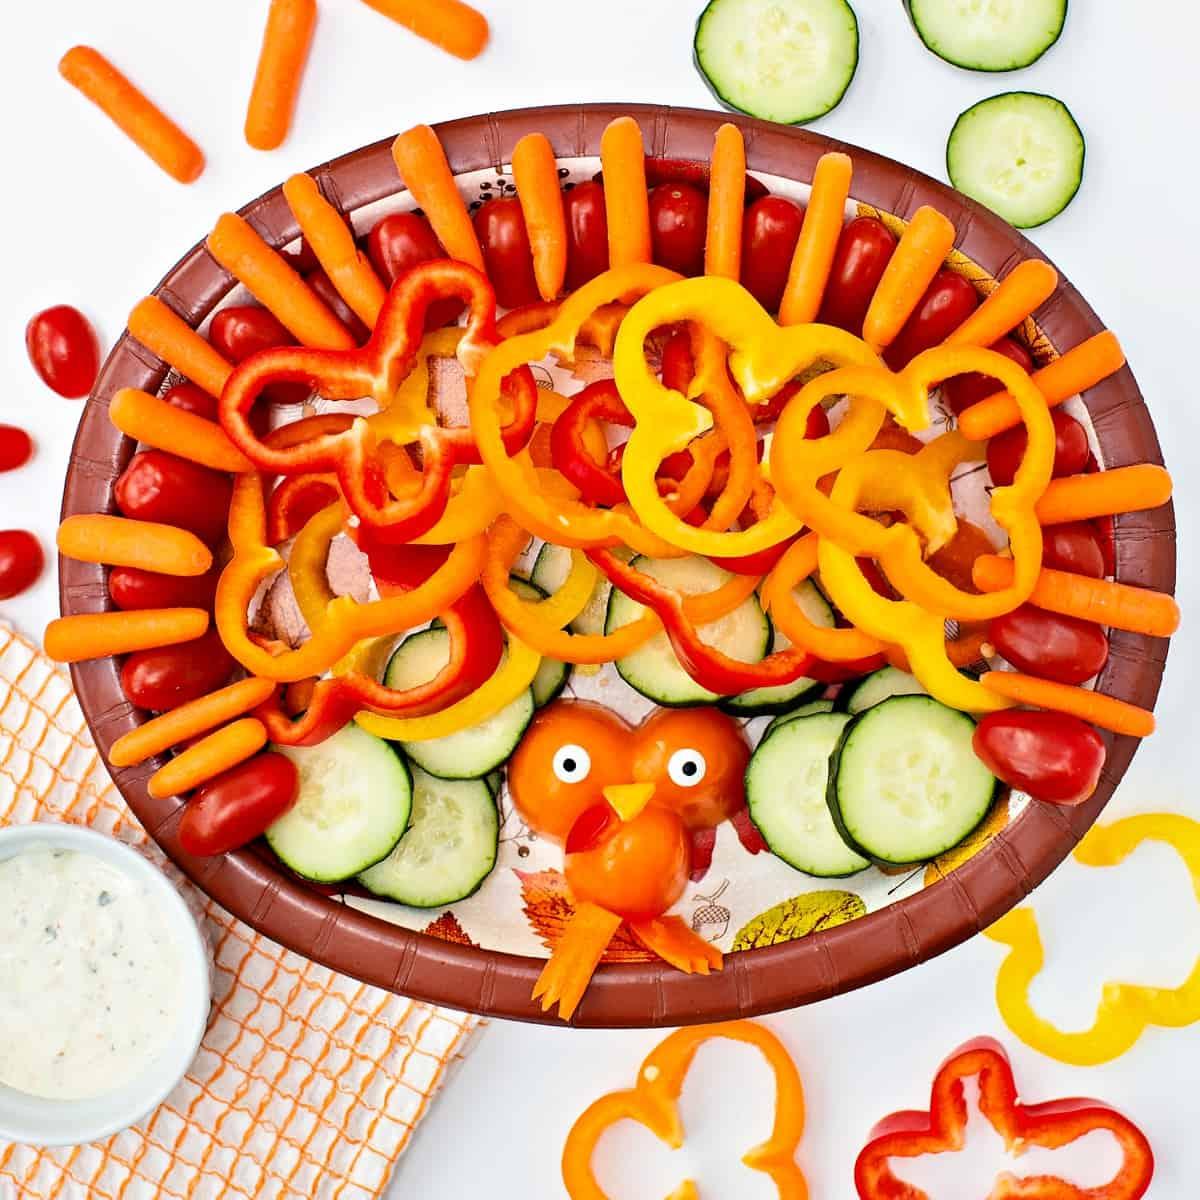 Easy Turkey Veggie Snack Tray